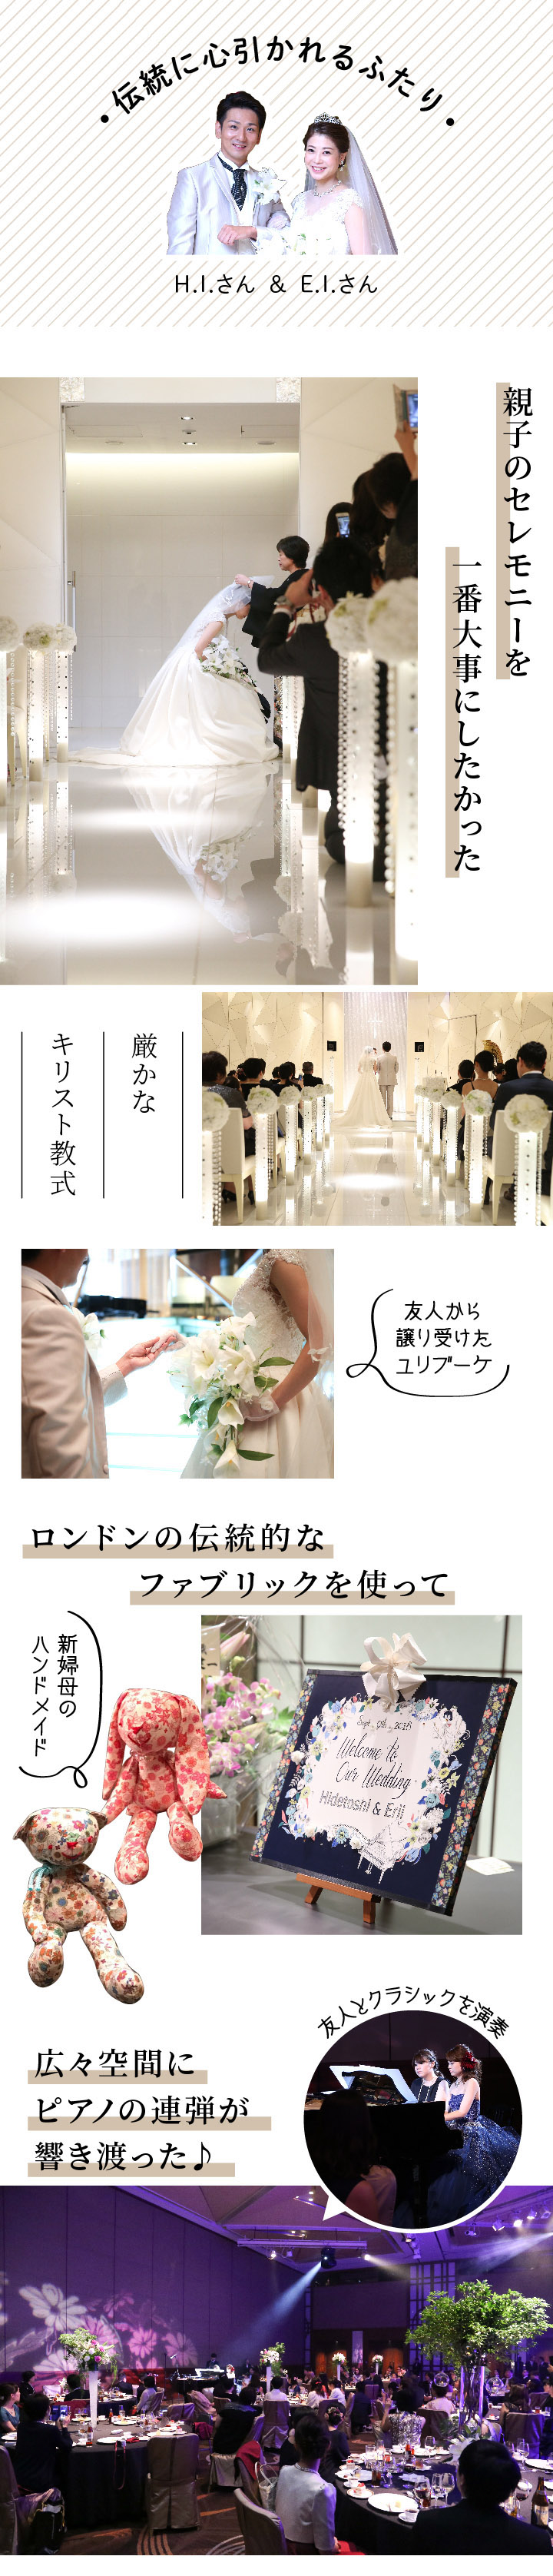 ホテルでのトラディショナルな結婚式の実例